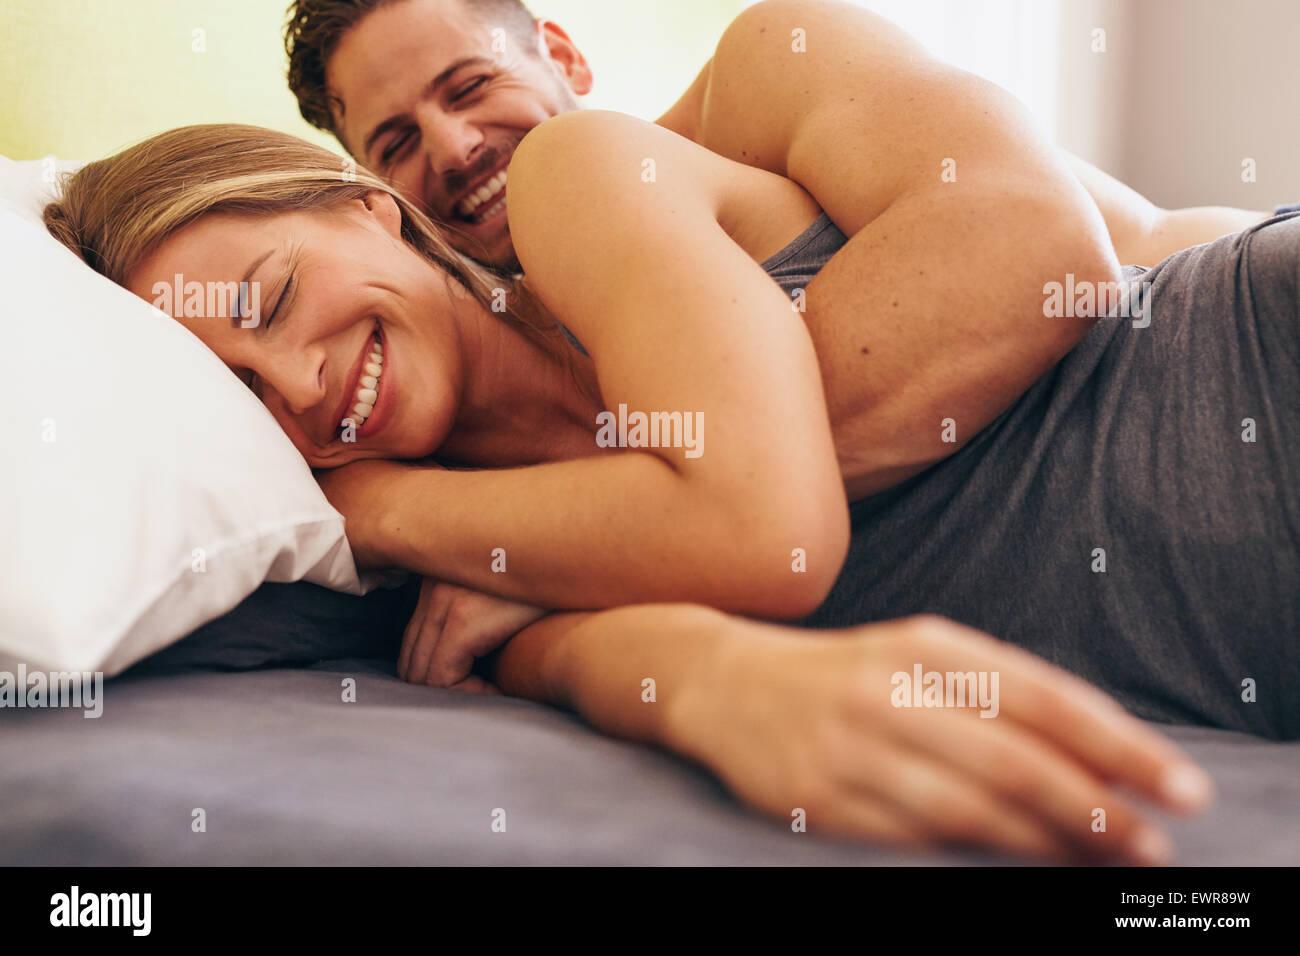 Bild von niedlichen jungen Liebespaar auf Bett liegend. Mann seine Frau morgens aufwachen. Stockbild